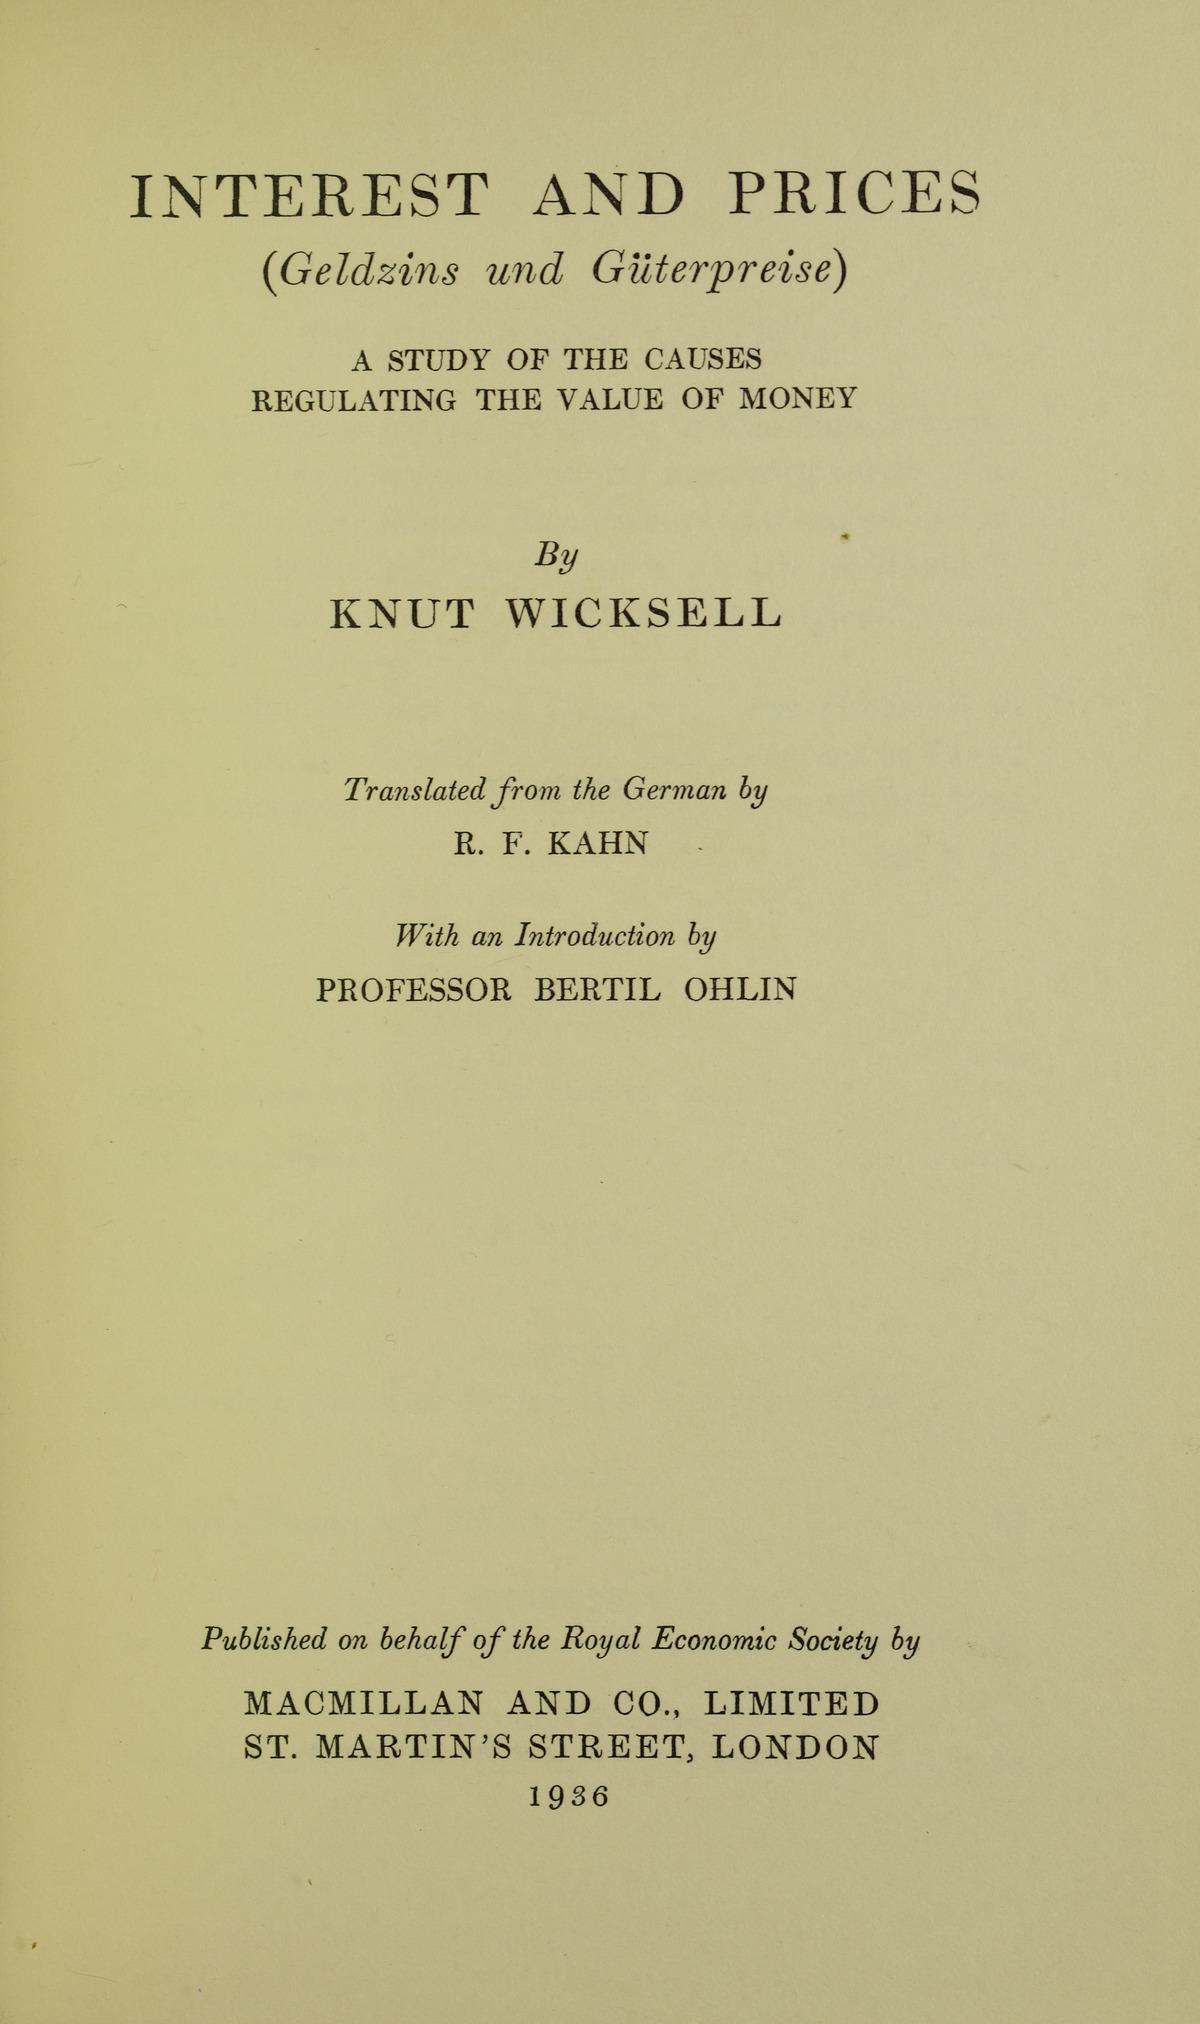 ユーハン・グスタフ・クヌート・ヴィクセル( Johan Gustaf Knut Wicksell 、年 12月20日 - 年 5月3日)は、スウェーデンの経済学者。.